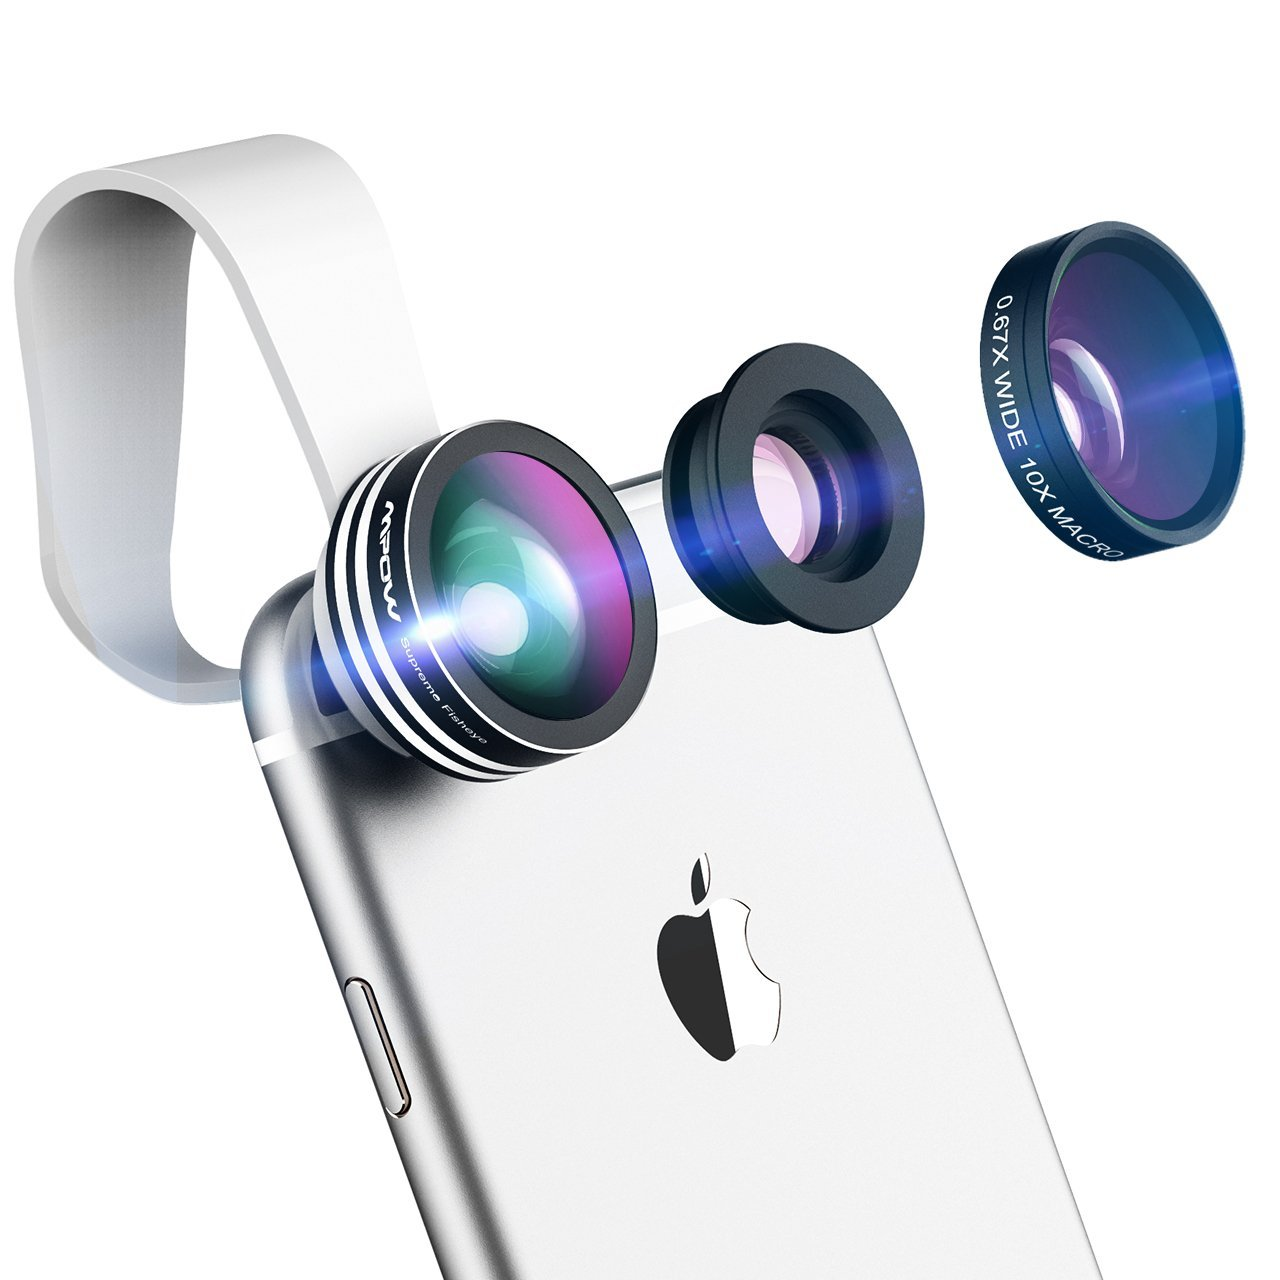 ff83049b7327 Les meilleurs accessoires photo pour votre smartphone   lentilles et ...